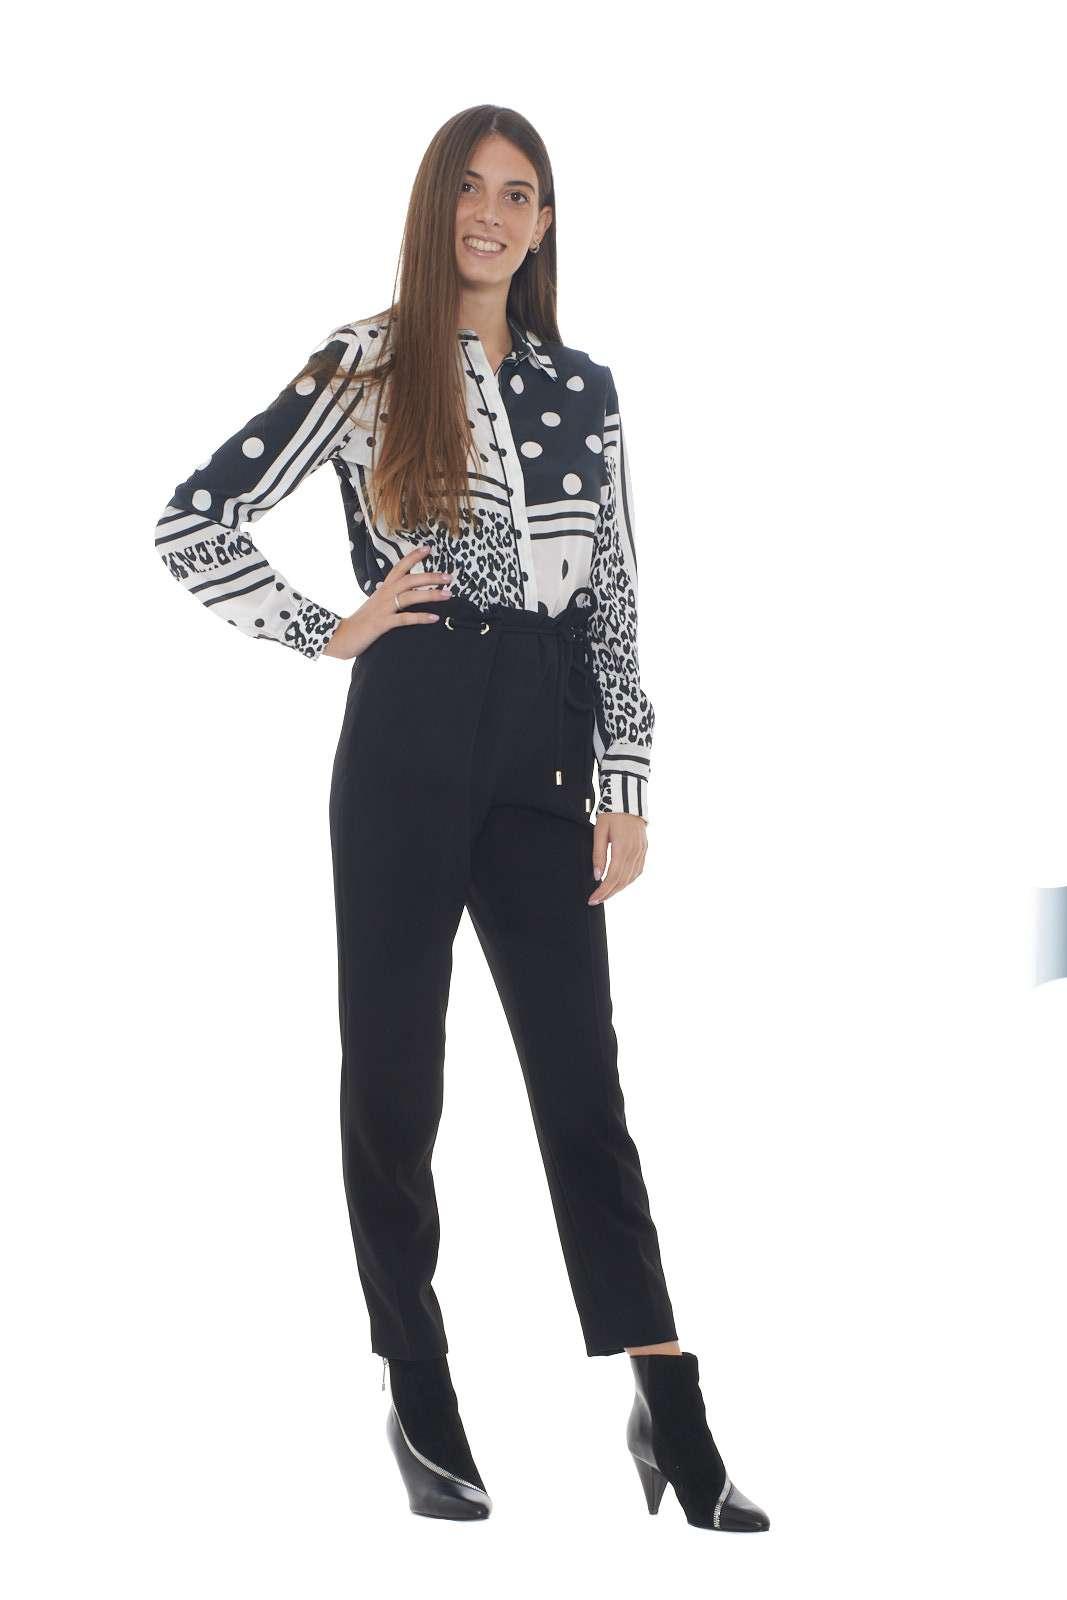 https://www.parmax.com/media/catalog/product/a/i/AI-outlet_parmax-pantaloni-donna-Liu-Jo-C19146-D.jpg